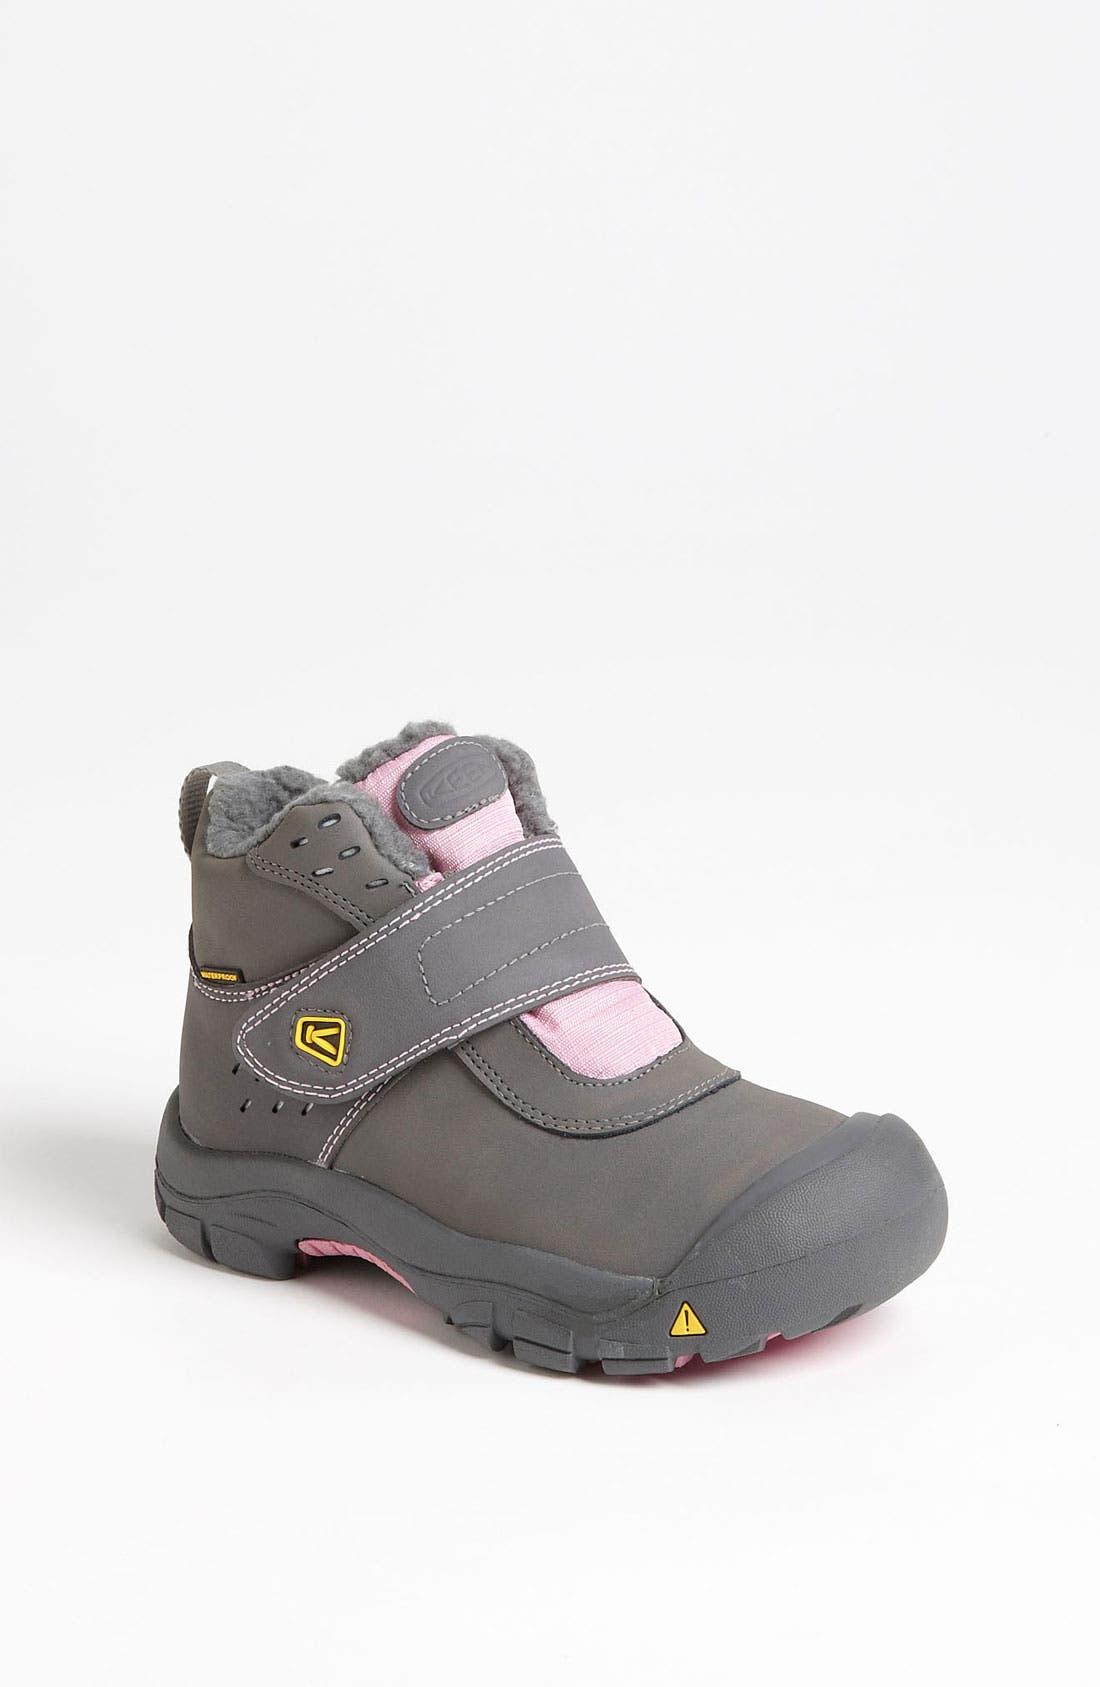 Main Image - Keen 'Kalamazoo Mid' Waterproof Boot (Toddler, Little Kid & Big Kid)